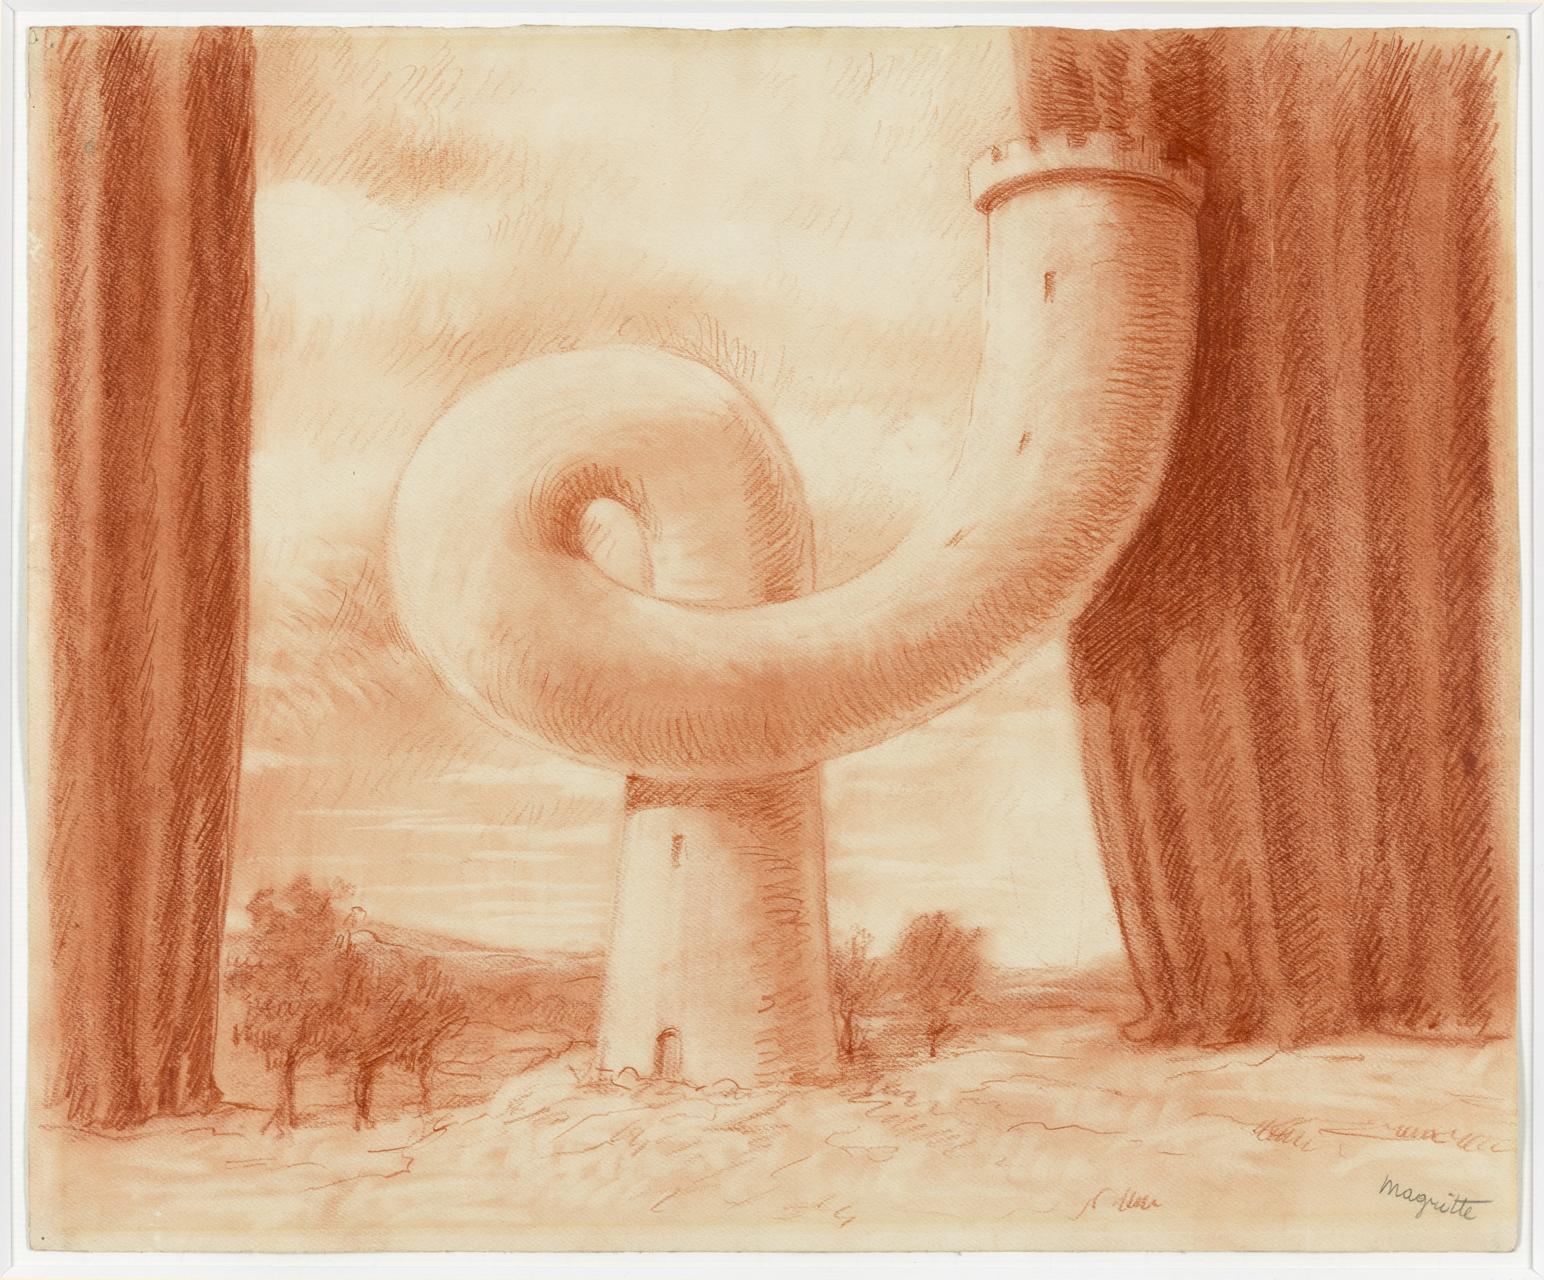 René Magritte, The Tower, 1954, Rötel auf Papier, 36,7 x 44,5 cm